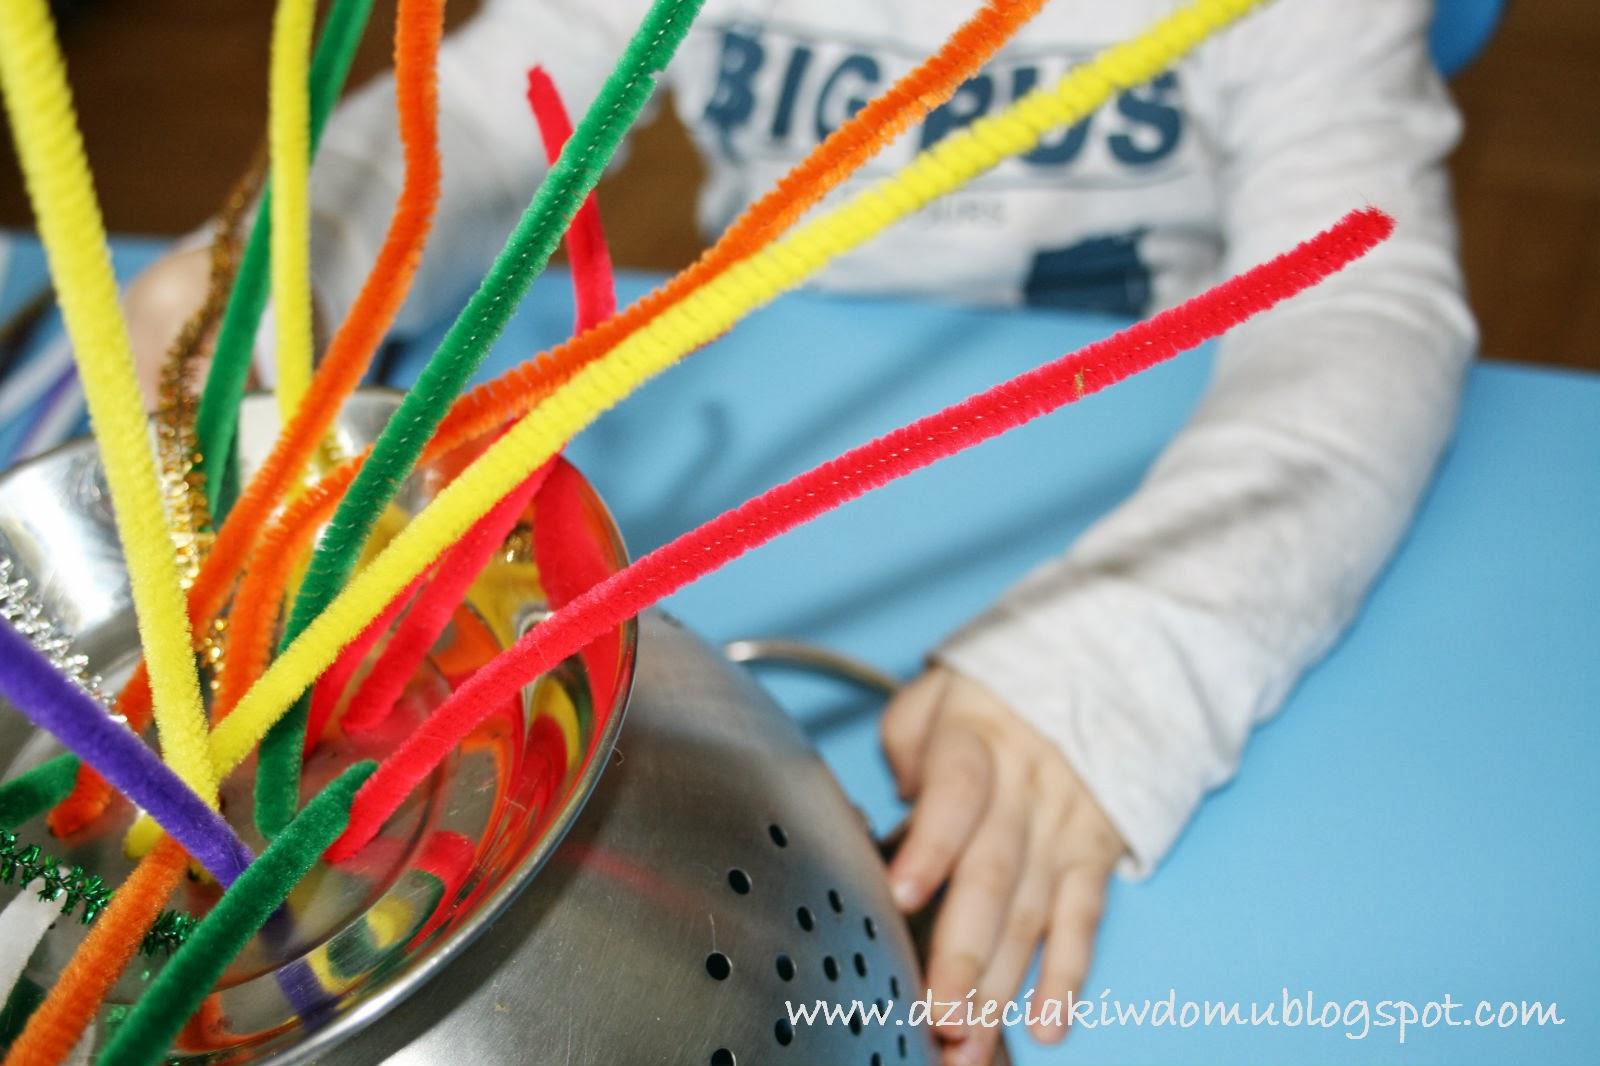 kreatywna zabawa dla małych dzieci, wkładanie drucików kreatywnych do dziurki, ćwiczenie koordynacji wzrokowo-ruchowej